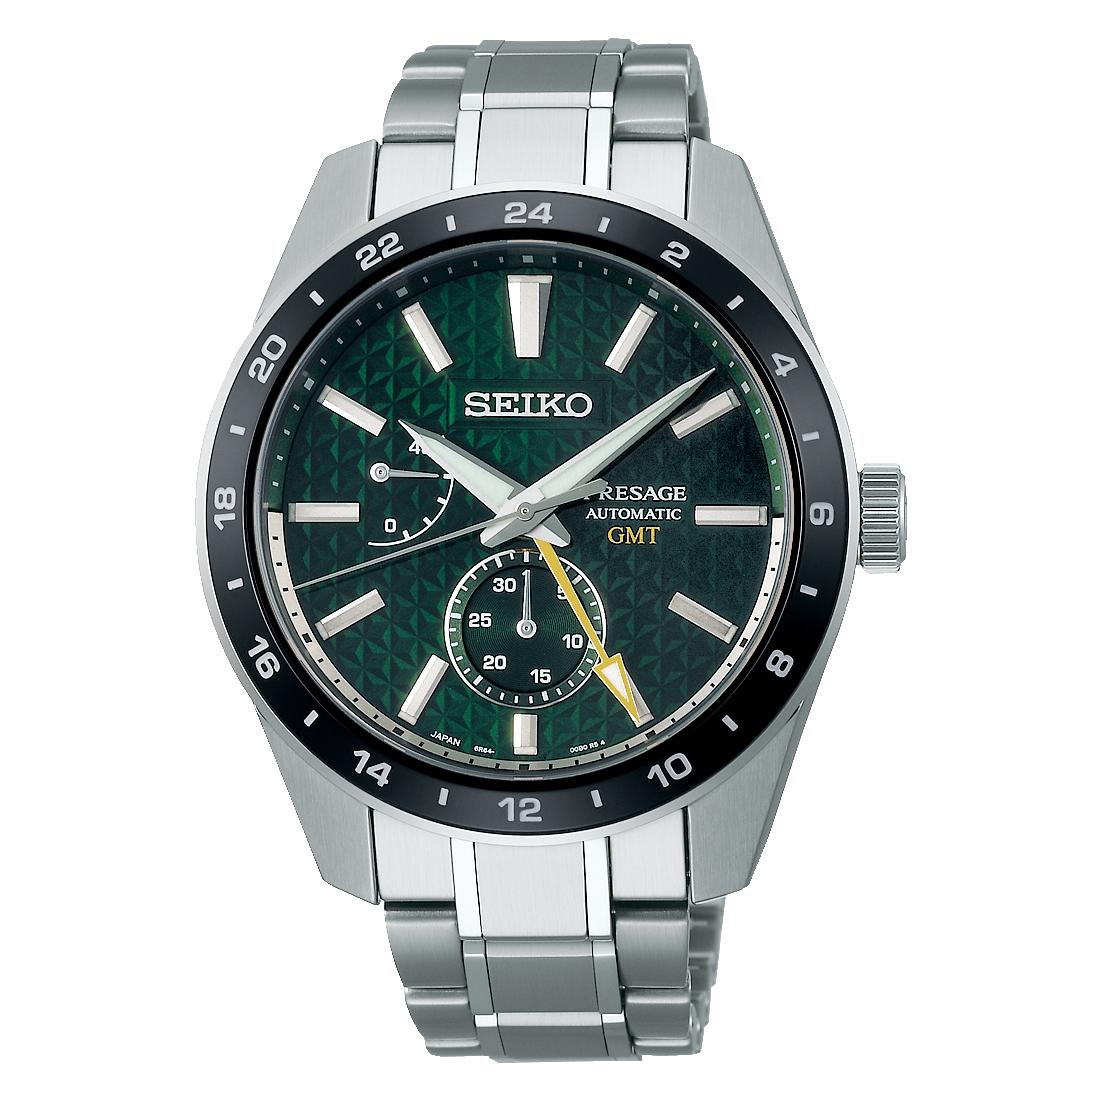 Orologio Seiko Edge GMT SPB219 J1